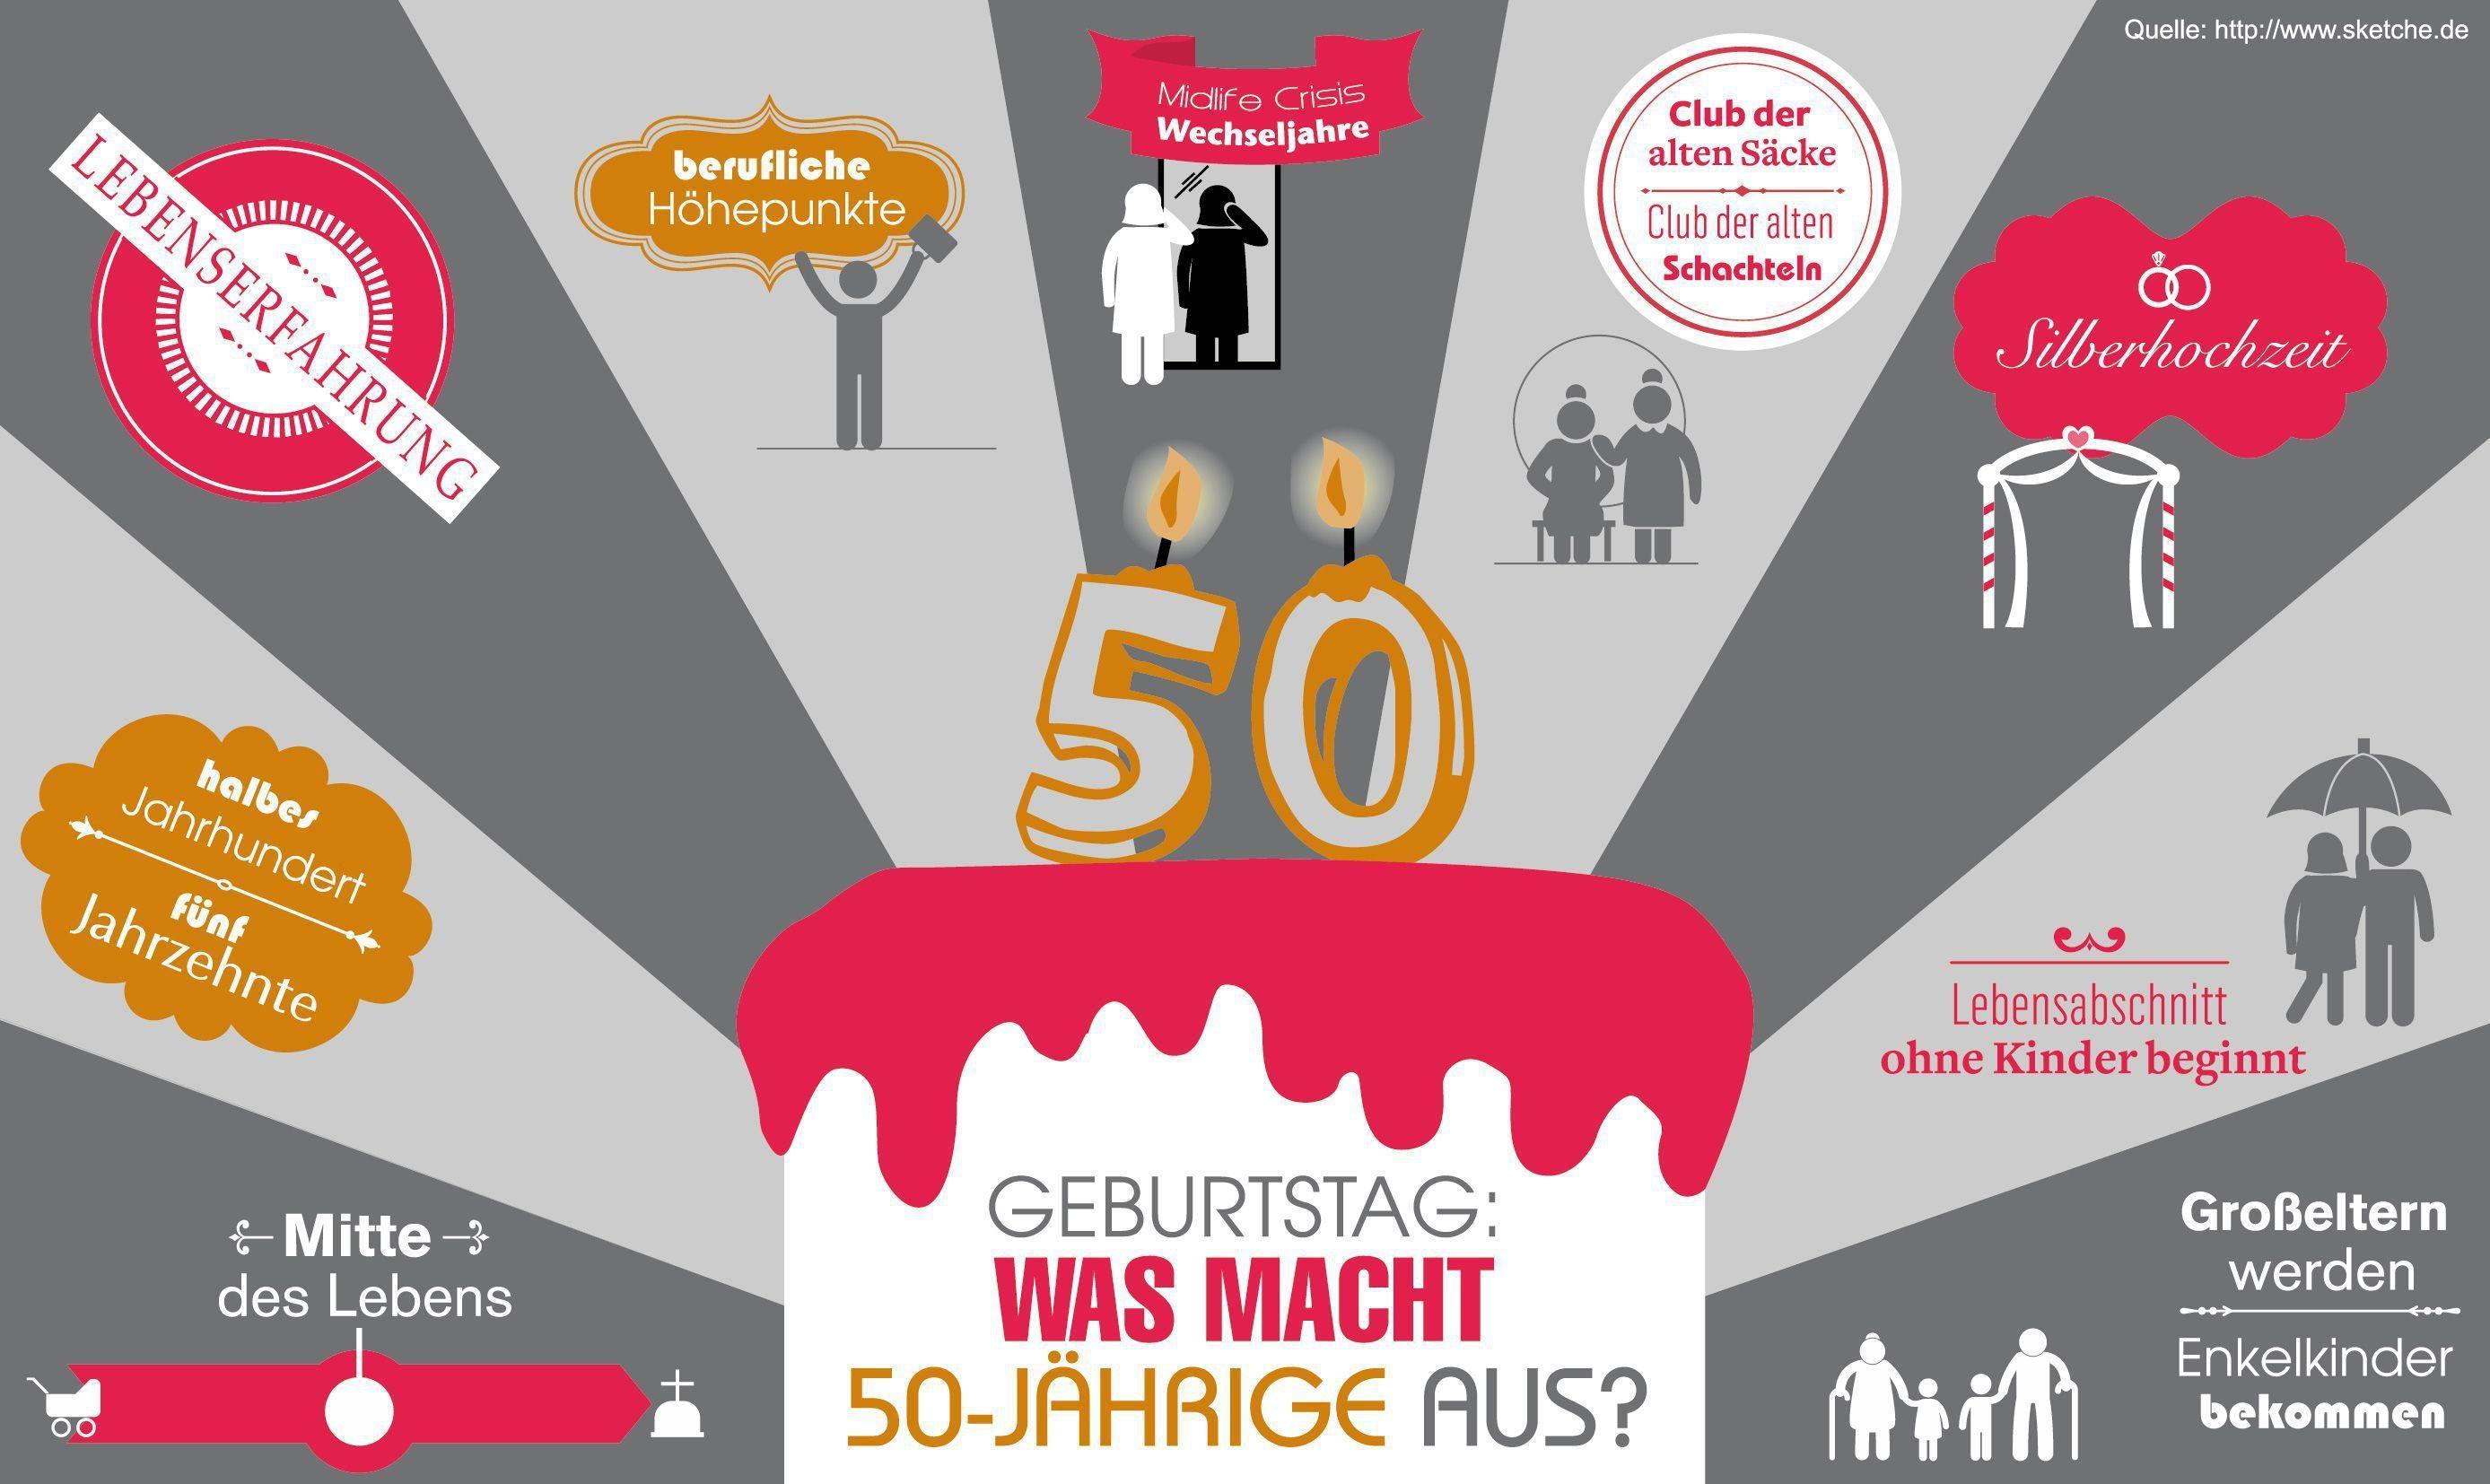 einladungen zum 50. geburtstag vorlagen - einladungen 50